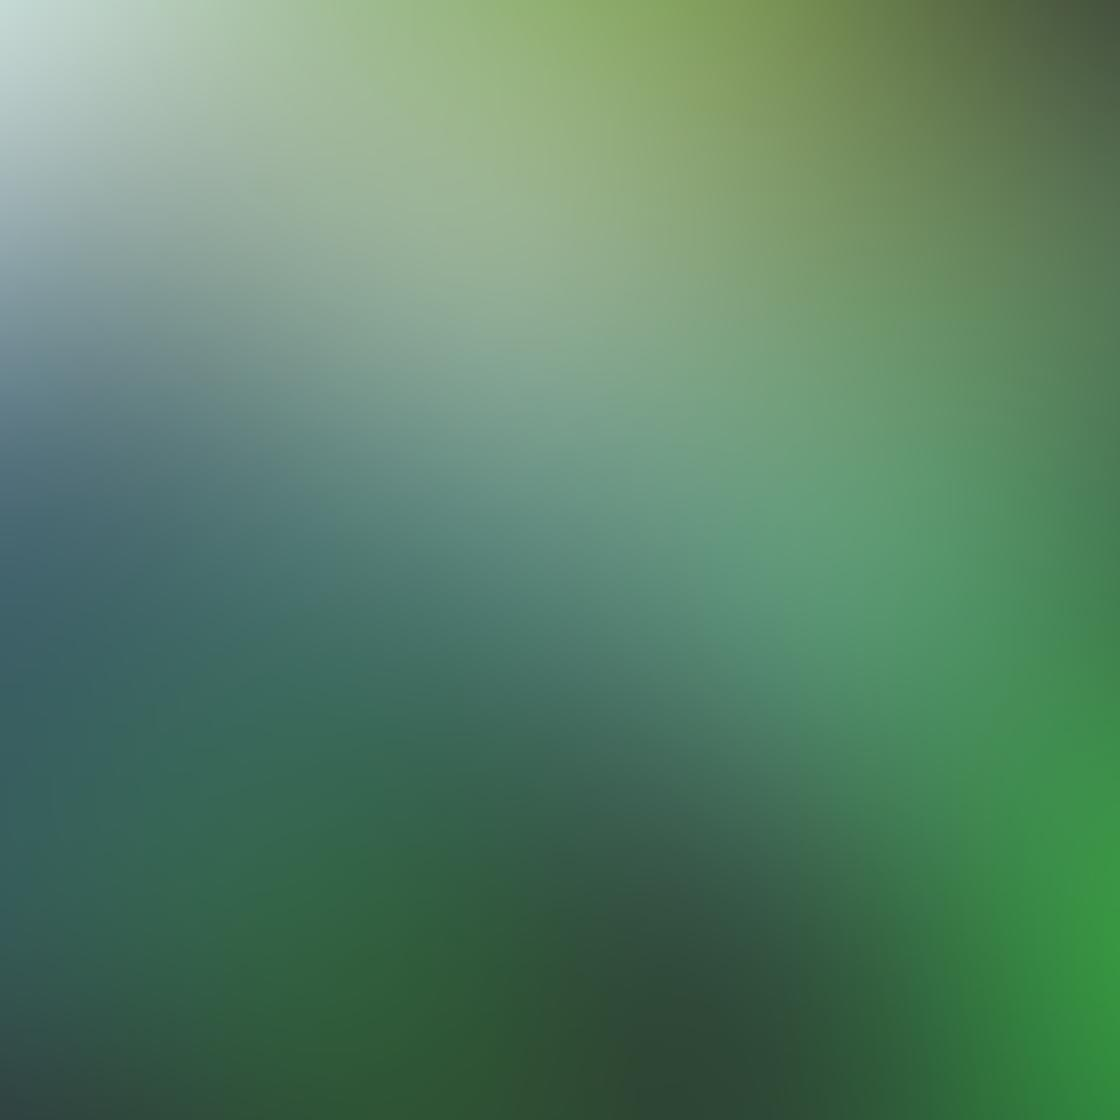 green_iphone_photos-12